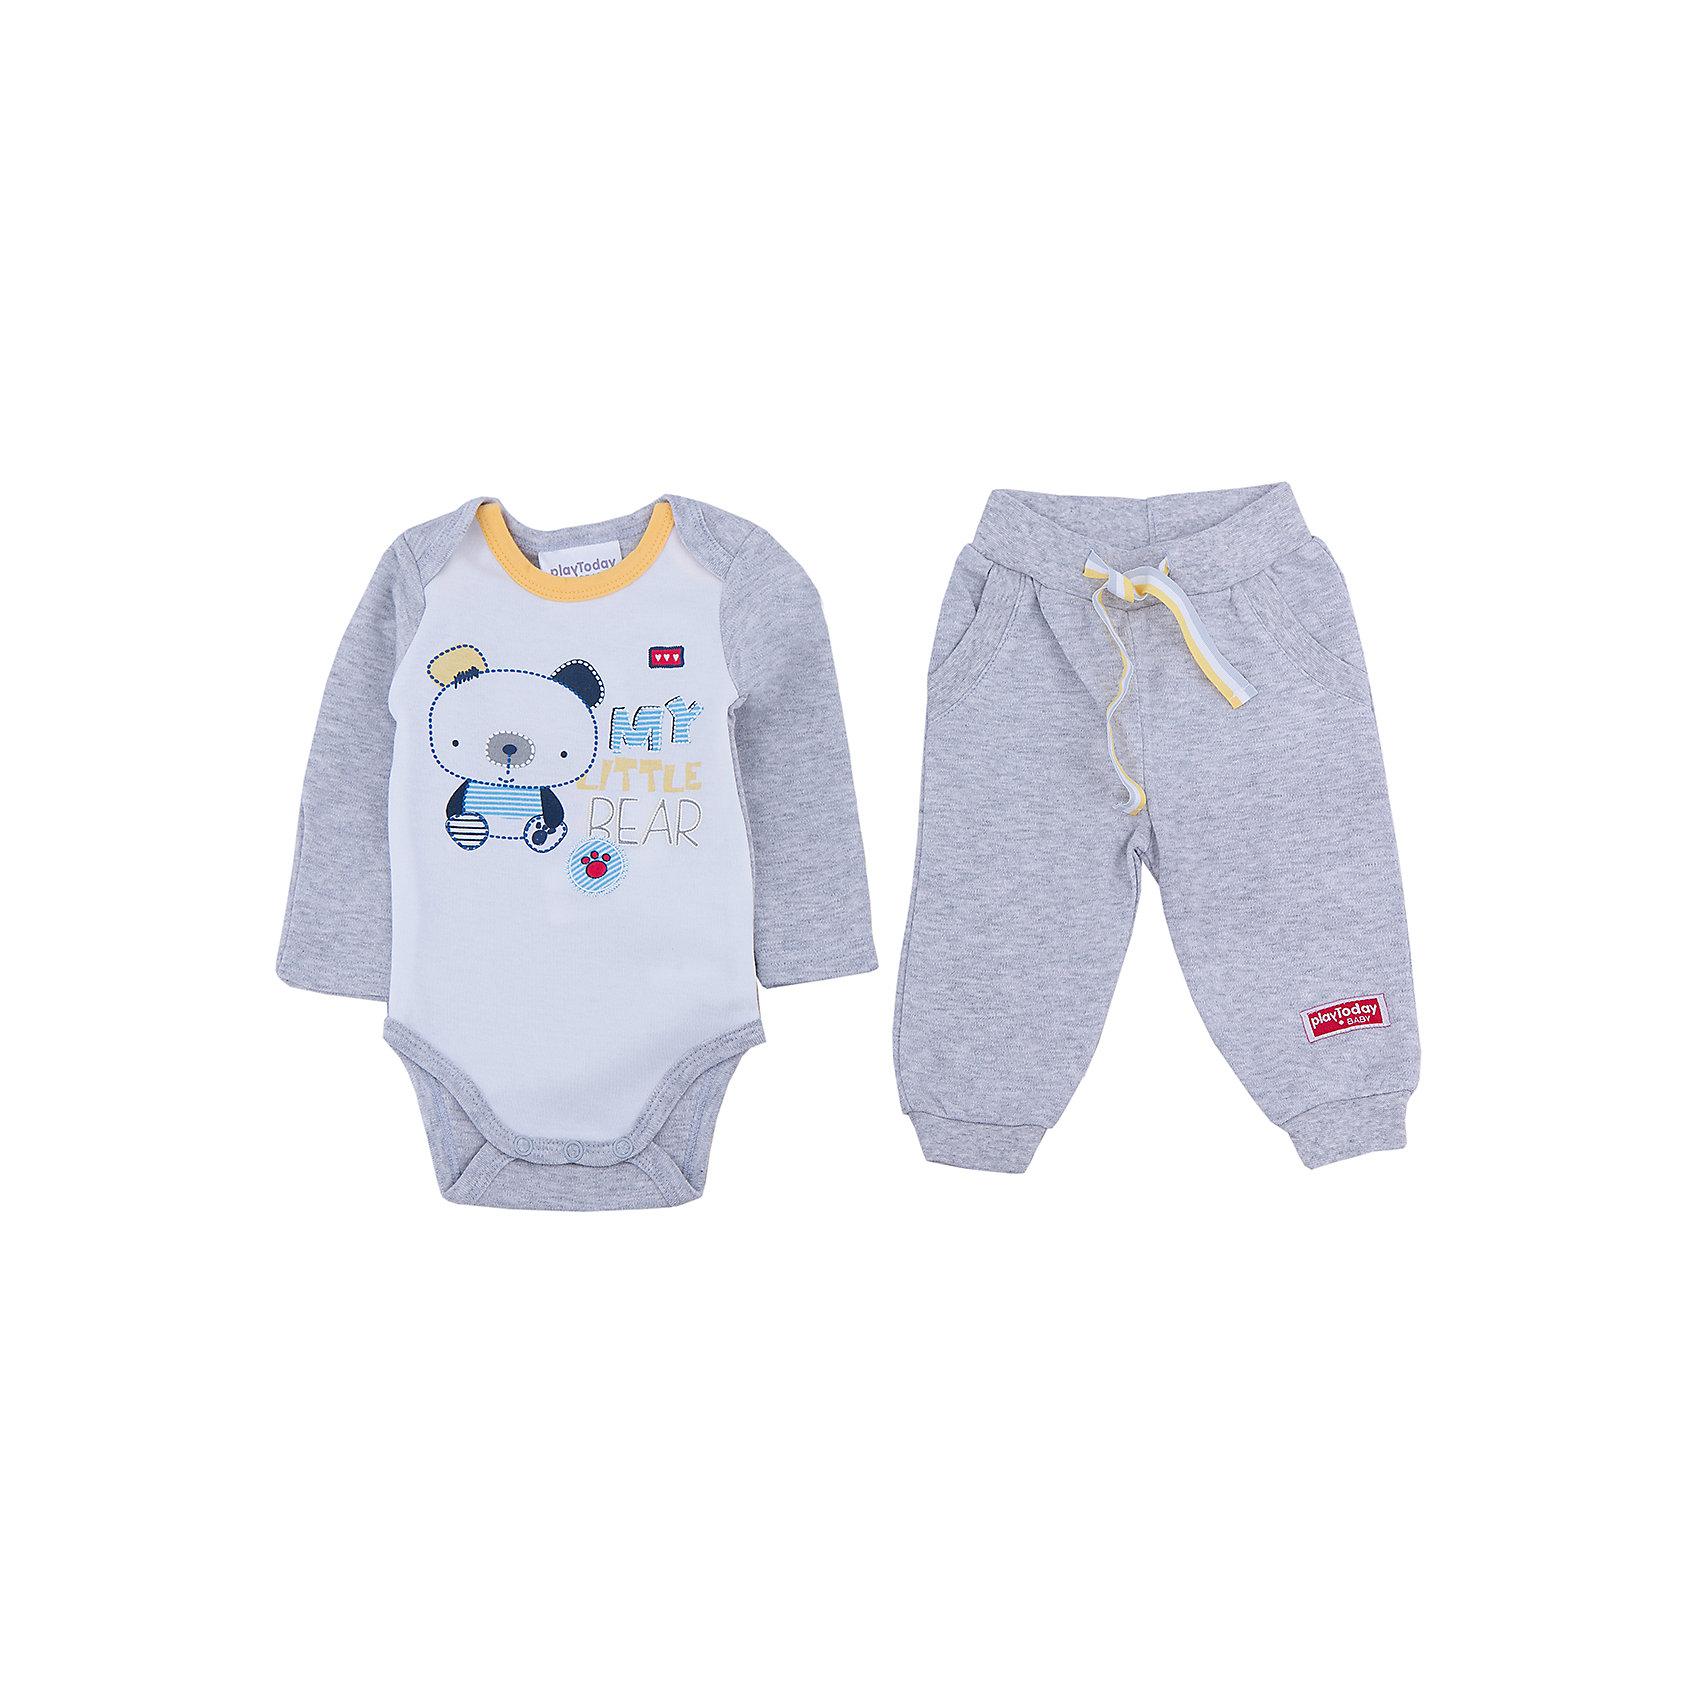 Комплект: боди и штанишки для мальчика PlayTodayКомплект: боди и штанишки для мальчика от известного бренда PlayToday.<br>Уютный хлопковый комплект из боди с длинными рукавами и брюк. <br>Боди украшено милым принтом с медвежонком. Застегивается на кнопки снизу, на воротнике контрастная желтая бейка.<br>Пояс брюк на резинке, дополнительно регулируется ярким шнурком. Цвет - серый меланж. По бокам имитация кармашков. Низ штанишек на трикотажной резинке.<br>Состав:<br>100% хлопок<br><br>Ширина мм: 157<br>Глубина мм: 13<br>Высота мм: 119<br>Вес г: 200<br>Цвет: серый<br>Возраст от месяцев: 0<br>Возраст до месяцев: 3<br>Пол: Мужской<br>Возраст: Детский<br>Размер: 74,68,56,62<br>SKU: 4900992